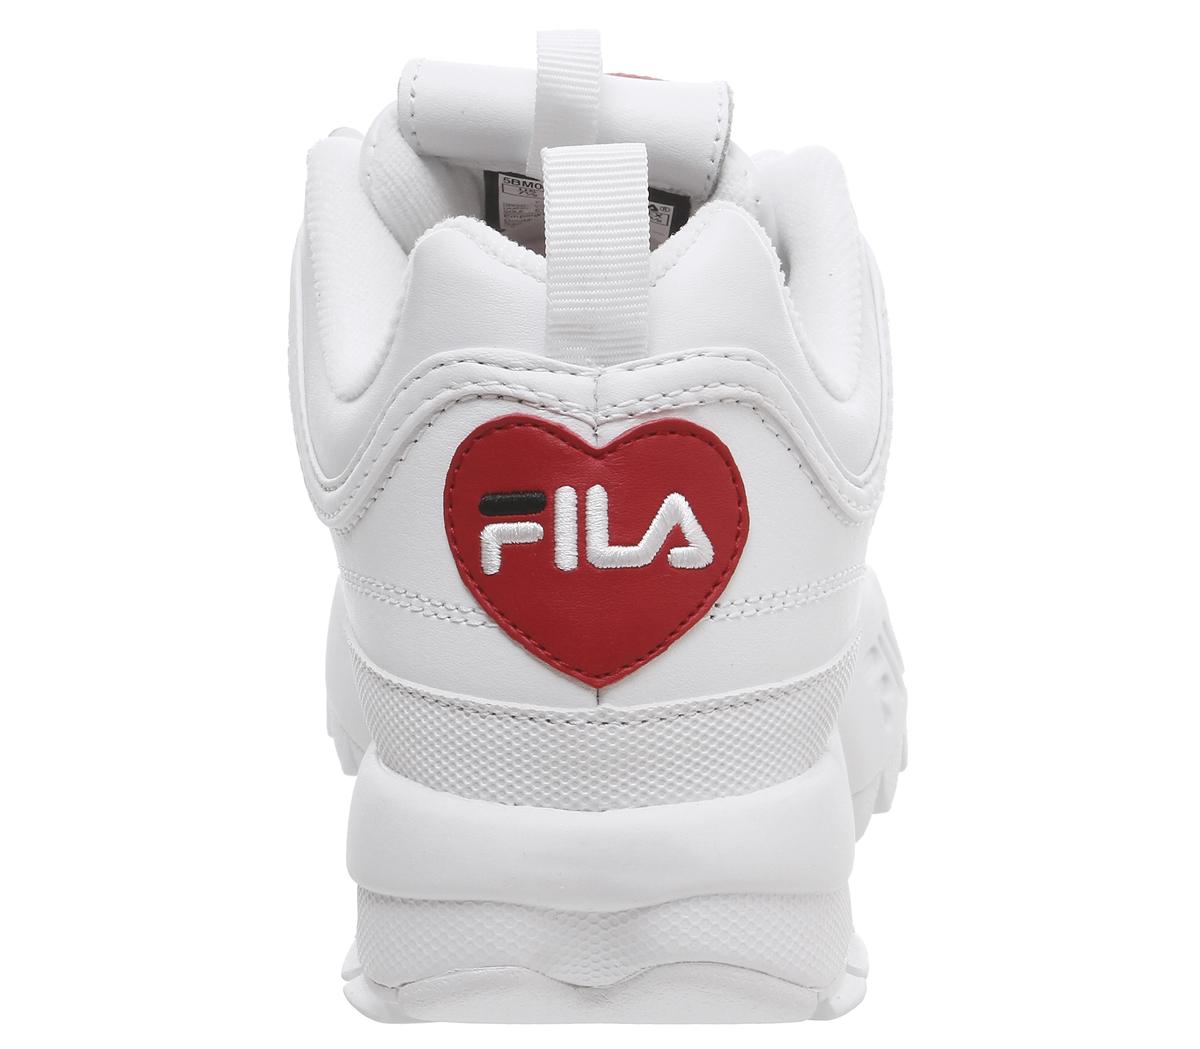 Da-Donna-FILA-Disruptor-II-Scarpe-da-ginnastica-CUORE-BIANCO-Scarpe-da-ginnastica-esclusive miniatura 17